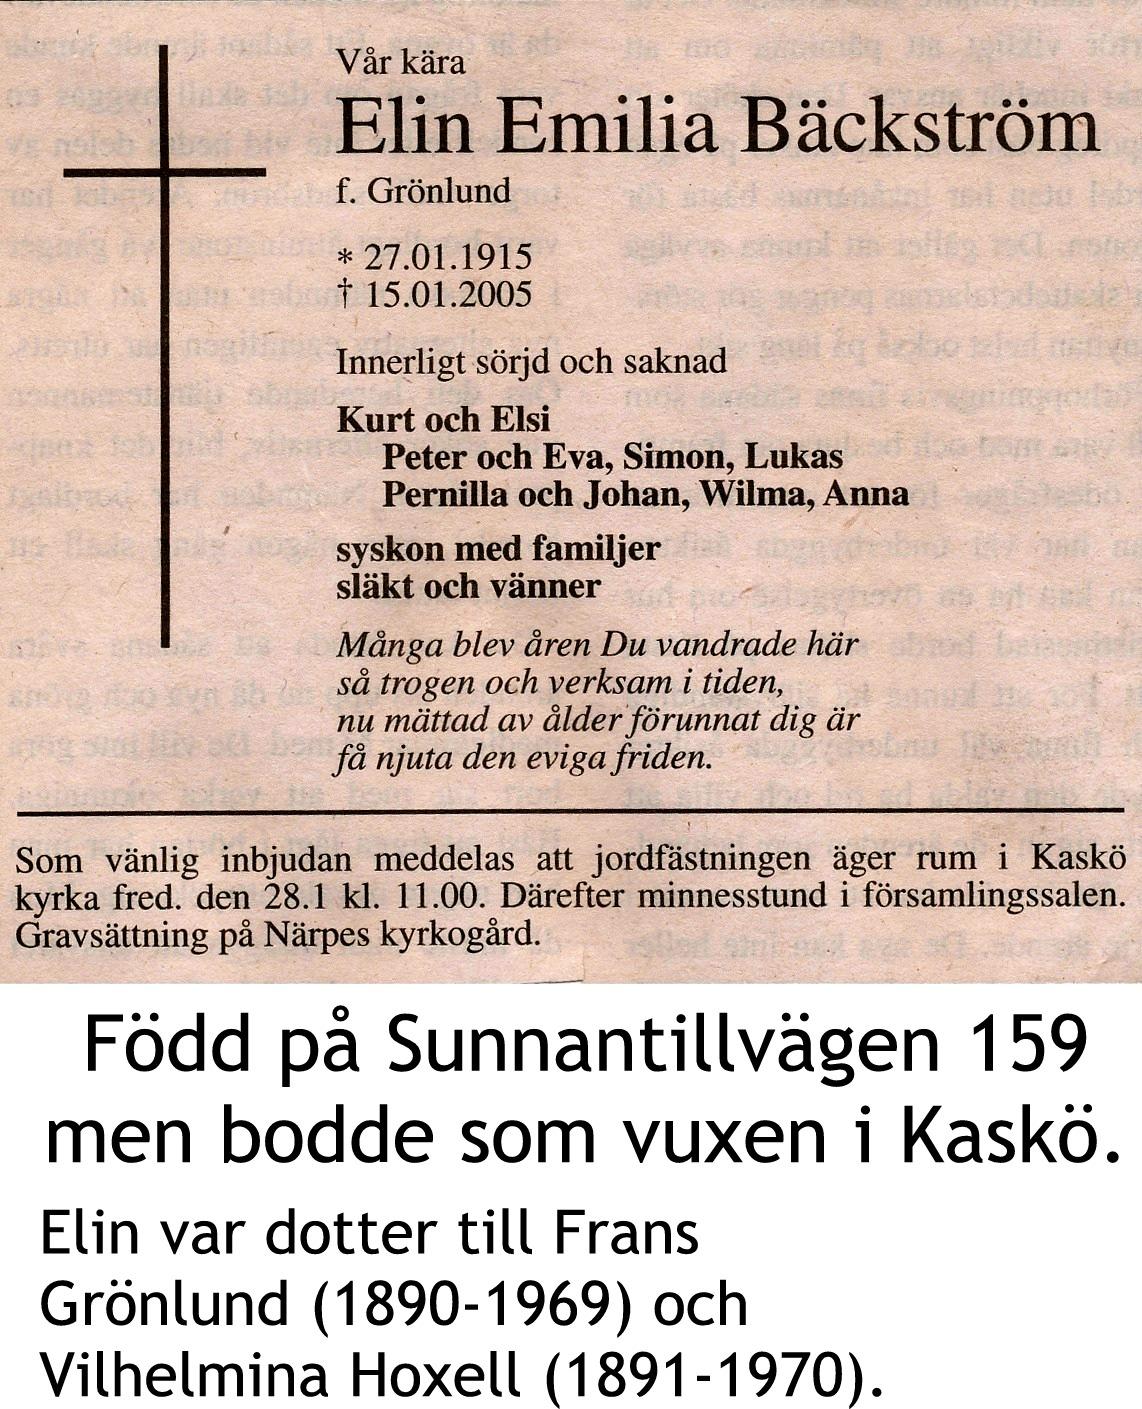 Bäckström Elin, f. Grönlund